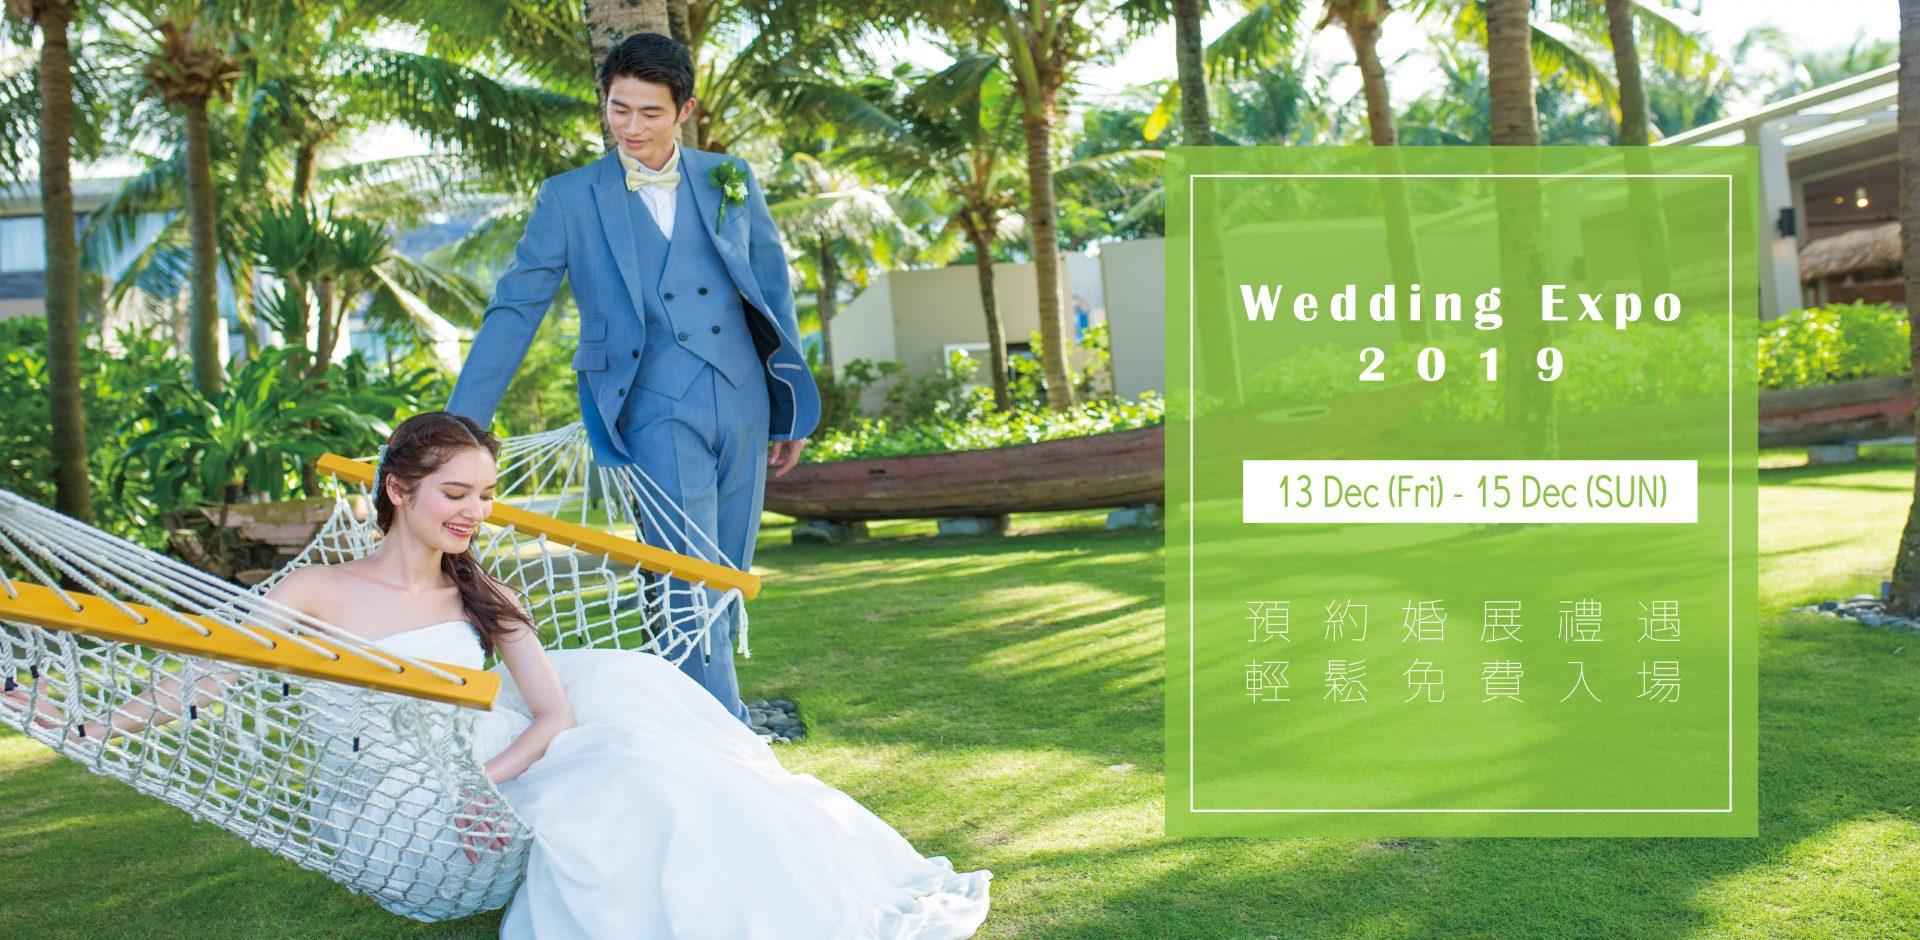 2019年12月13-15日灣仔會議展覽中心「第97屆香港結婚節暨聖誕婚紗展」 攤位F23